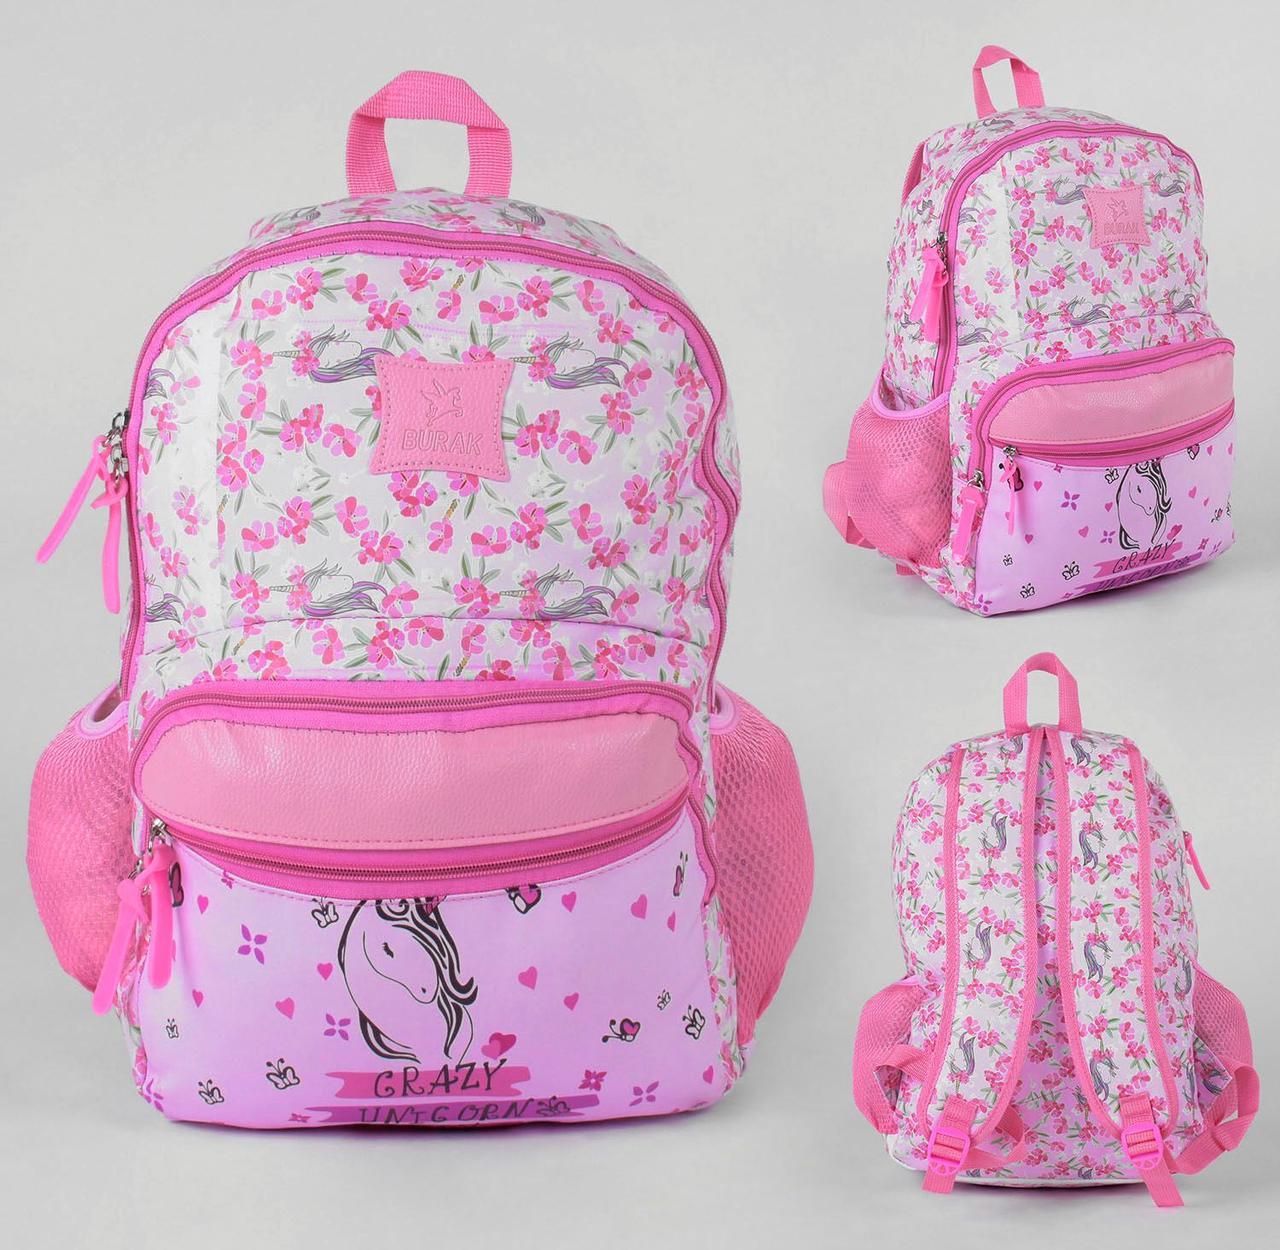 43514 Рюкзак школьный Цветы 1 отделение, 2 кармана, мягкая спинка